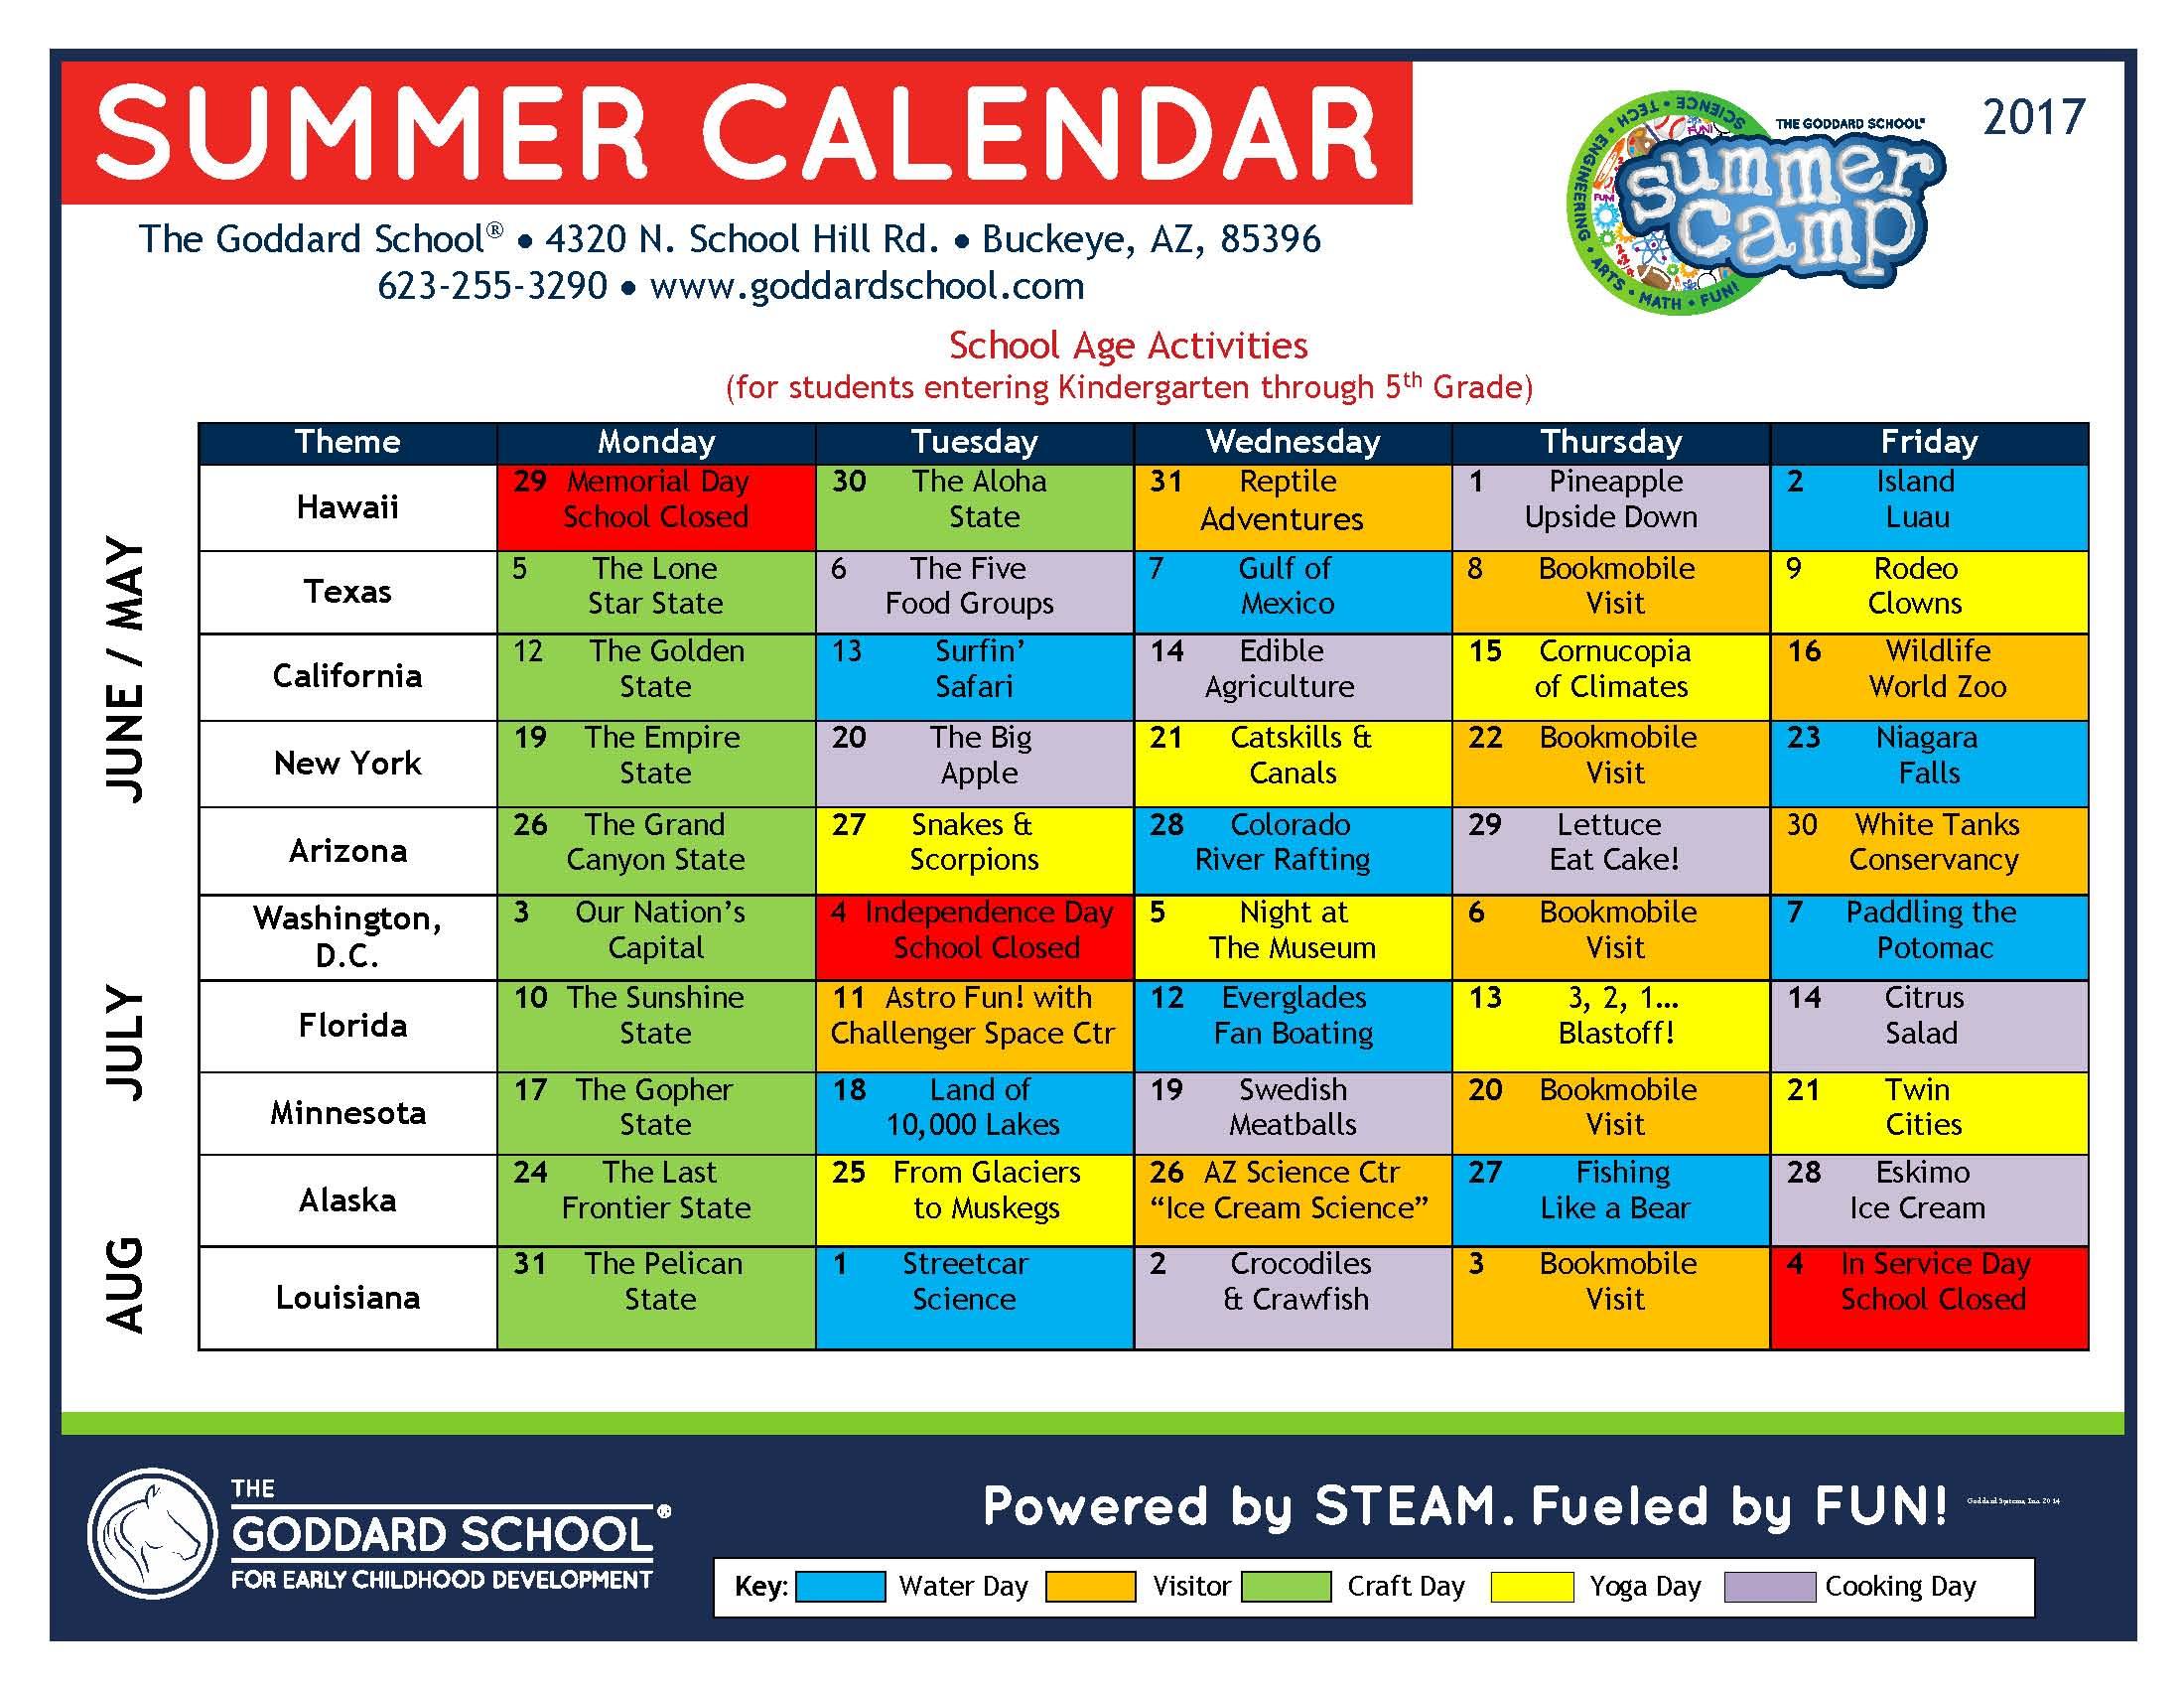 Summer Camp Buckeye